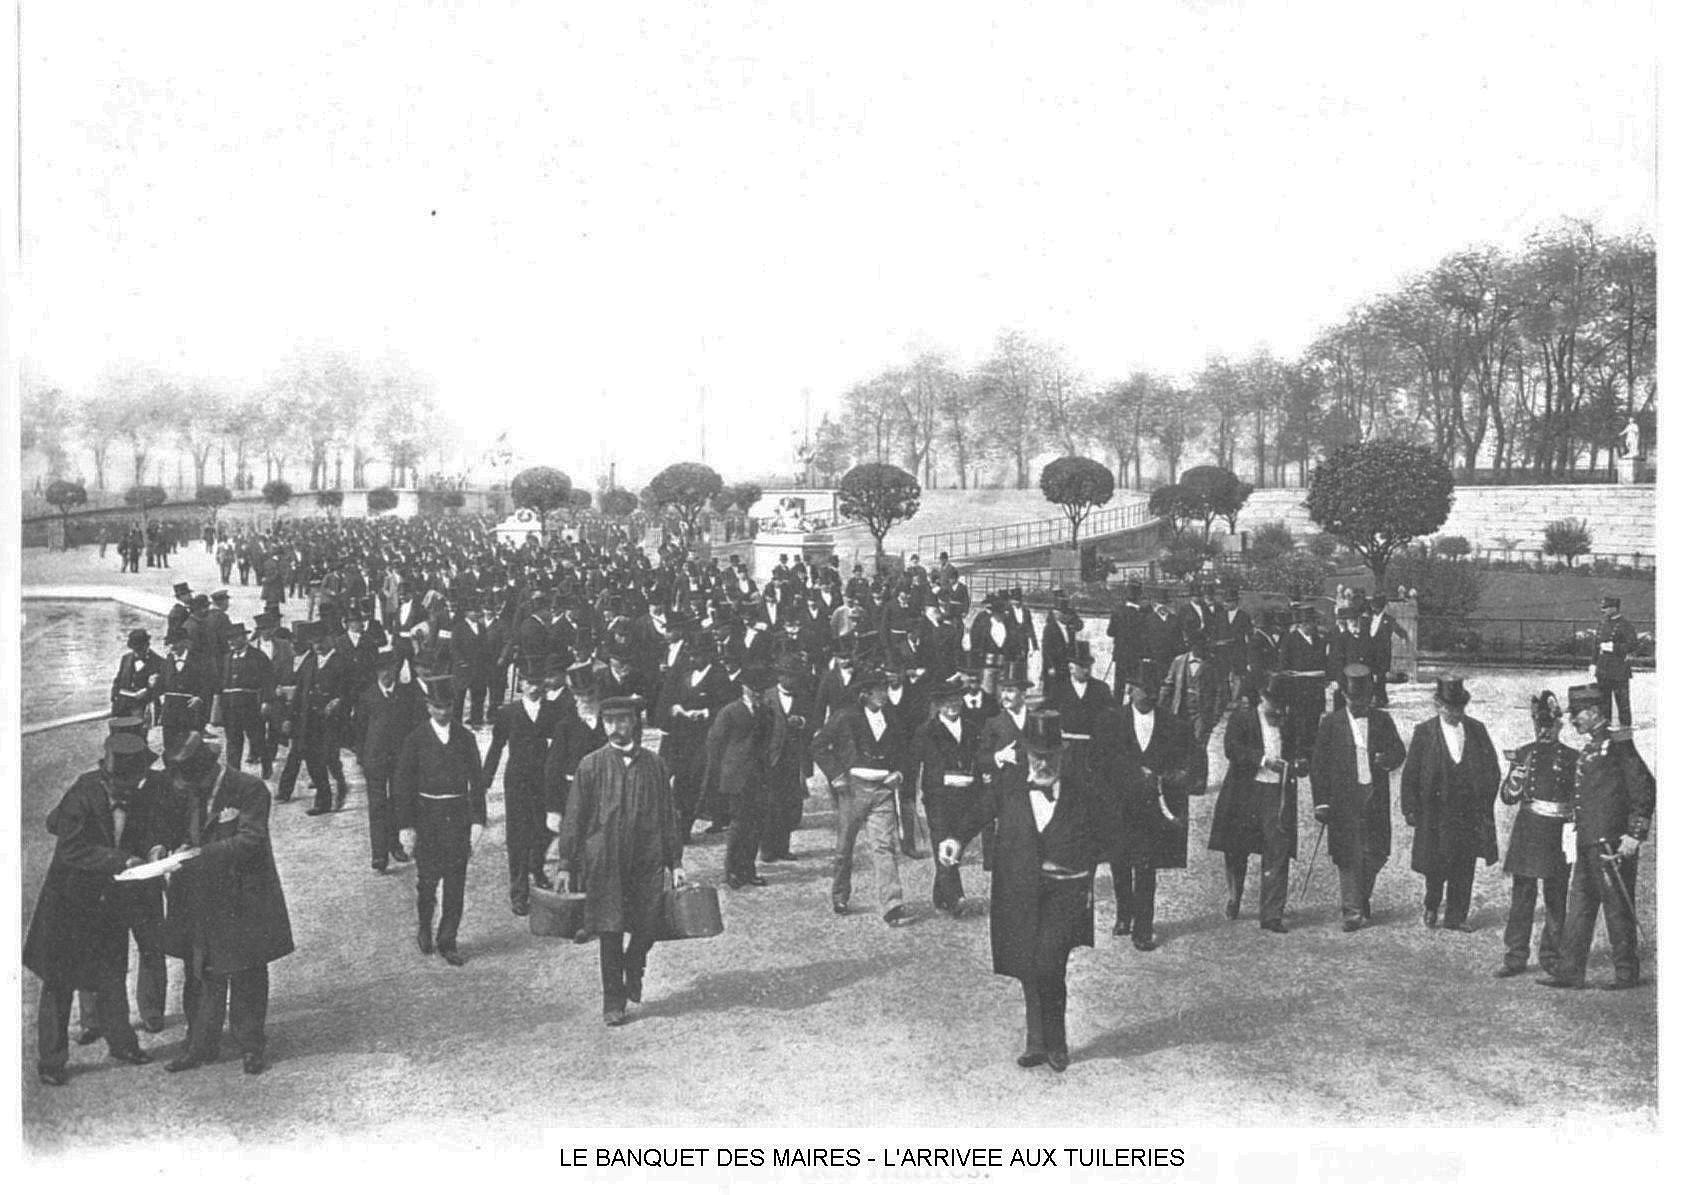 Ressources histoire exposition universelle 1900 le banquet des maires arrivee aux tuileries